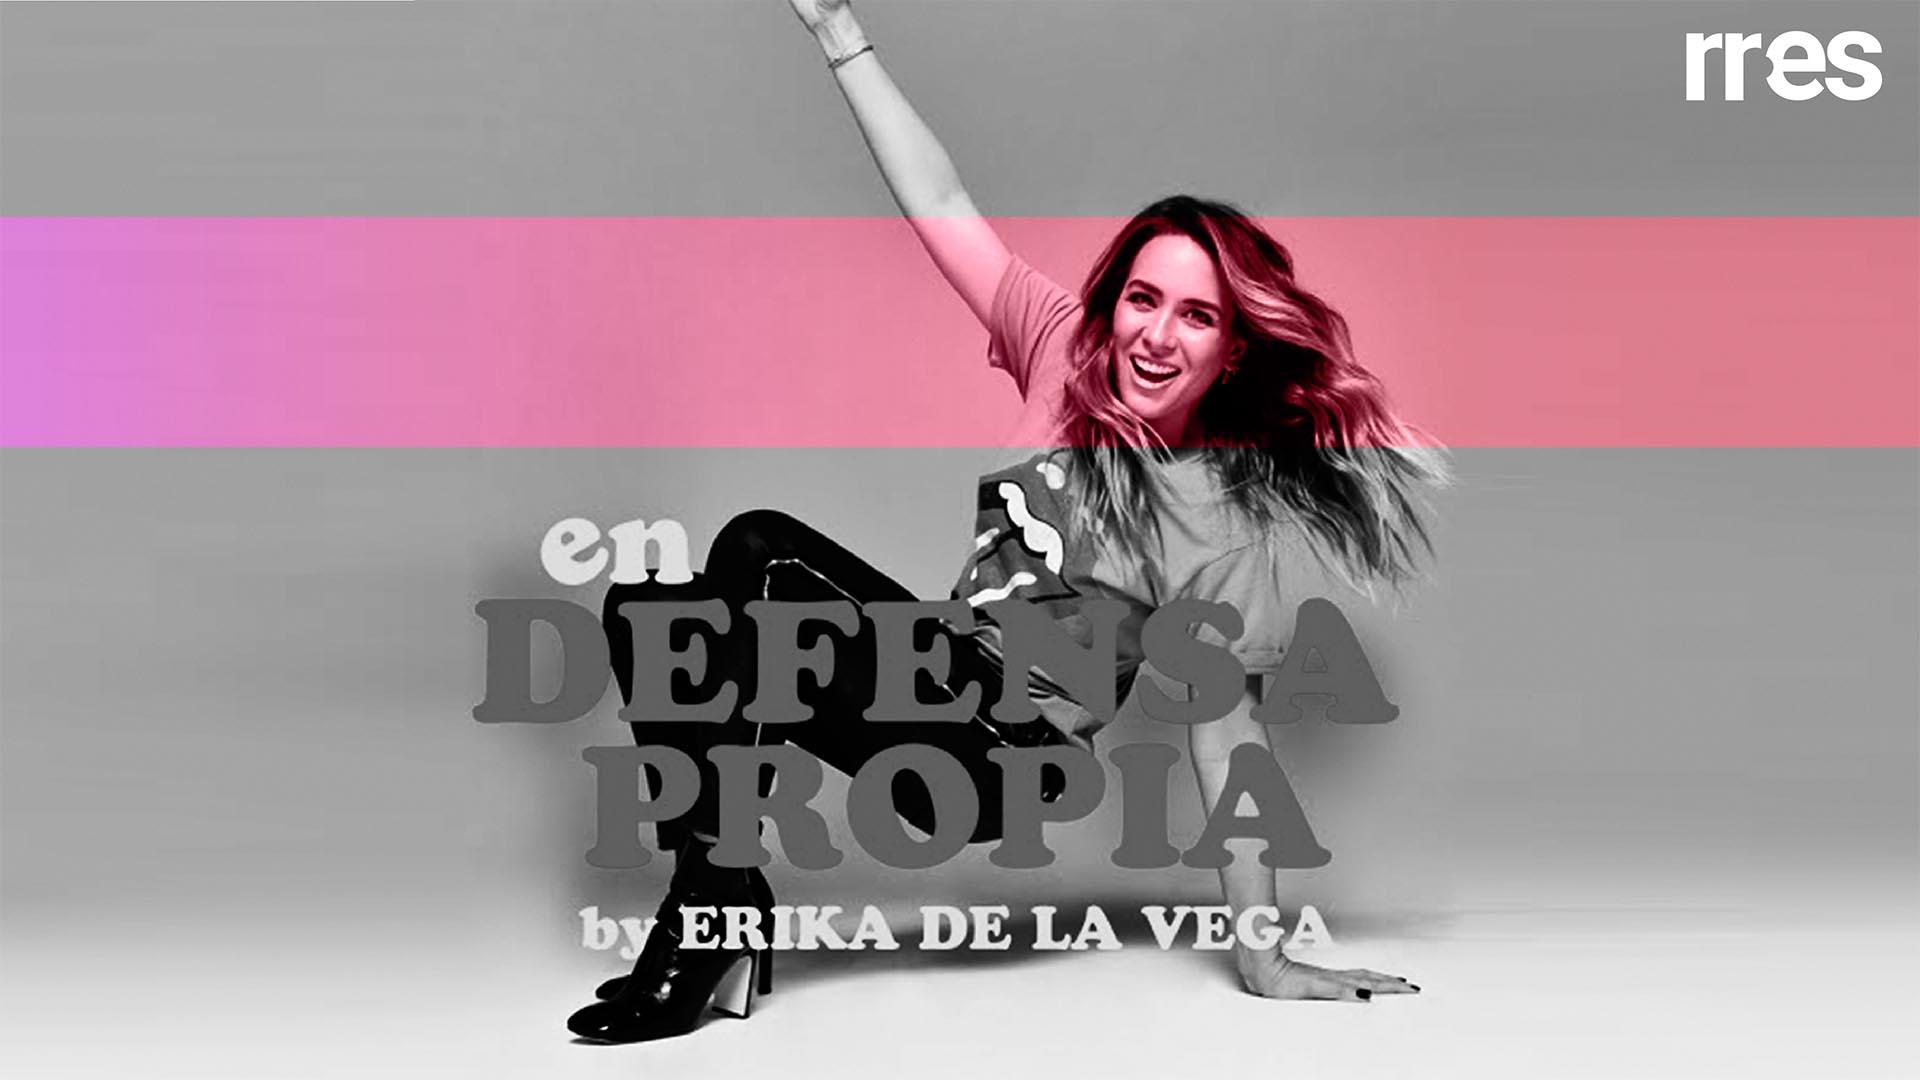 En Defensa Propia | No soy ni seré comunista, por Erika de La Vega